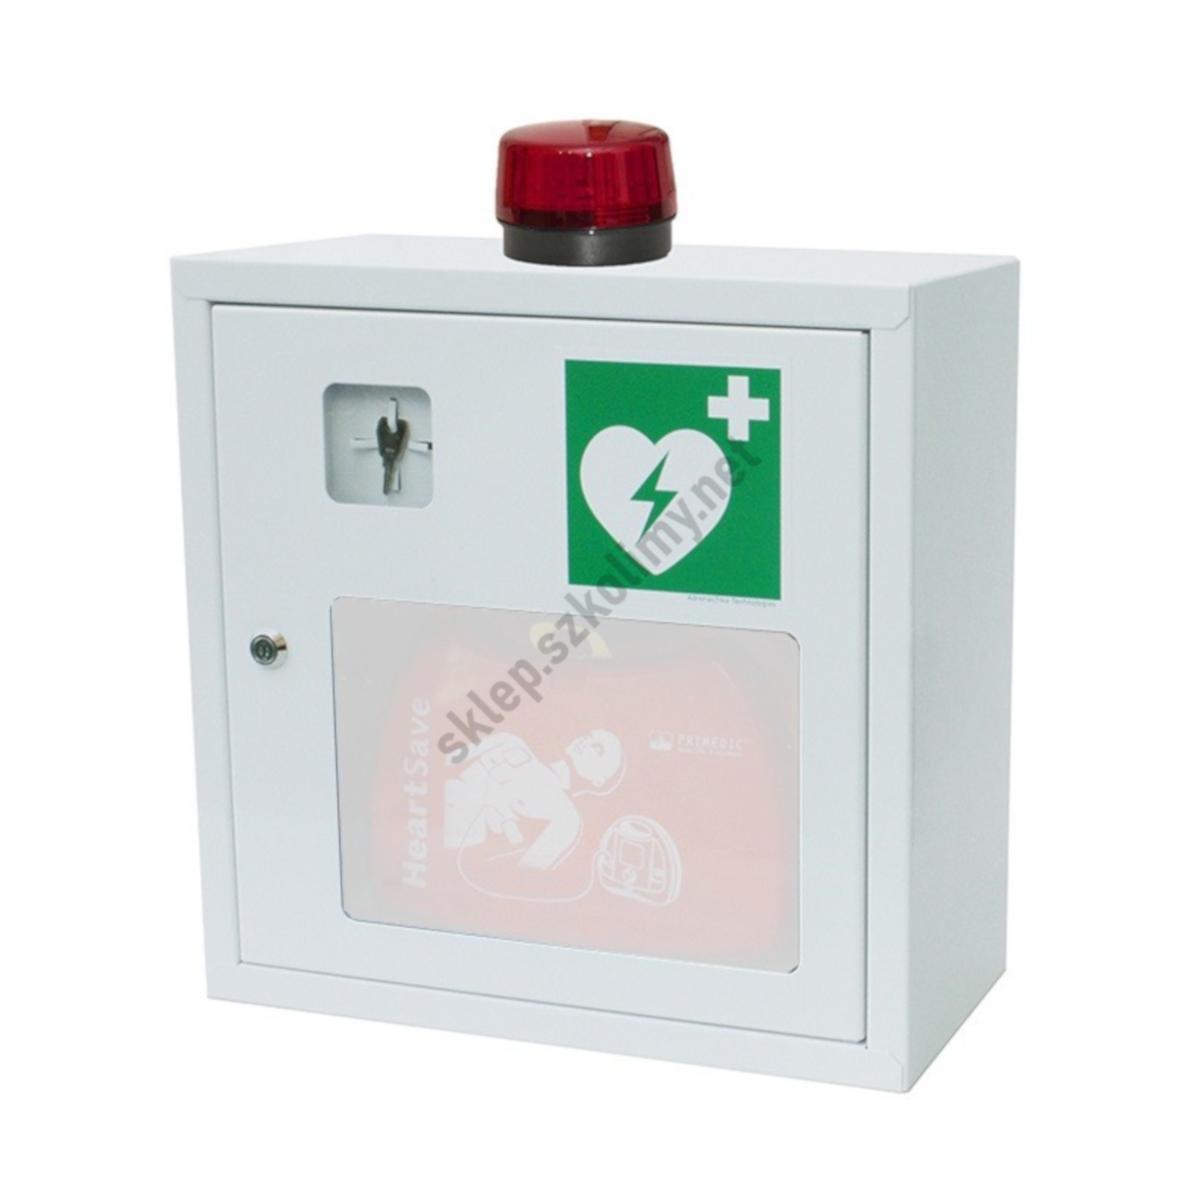 Szafka na defibrylator z alarmem dźwiękowym